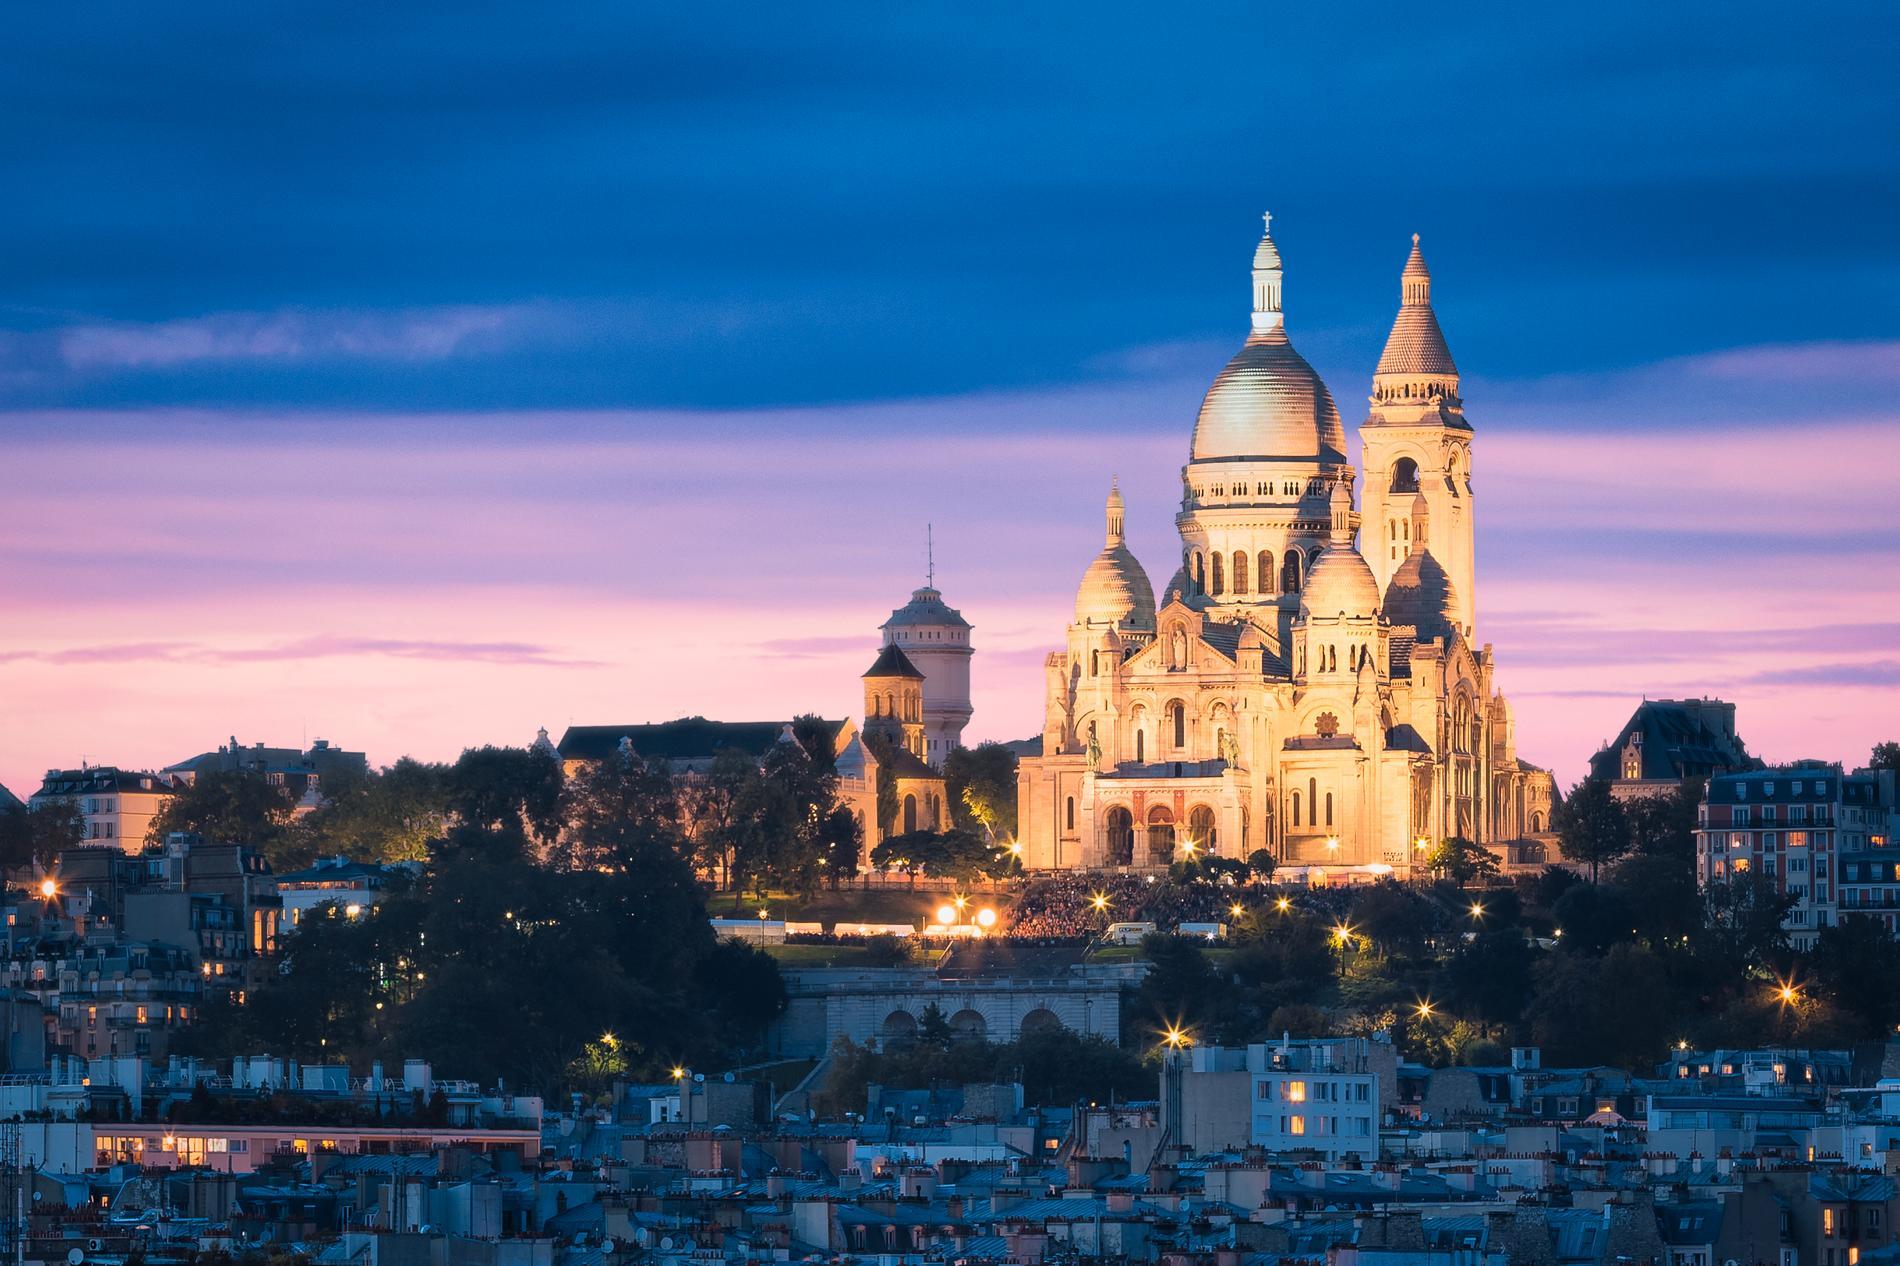 Den som vill ha en bra utsikt över Paris kan med fördel ta sig till Sacré-Cœur.